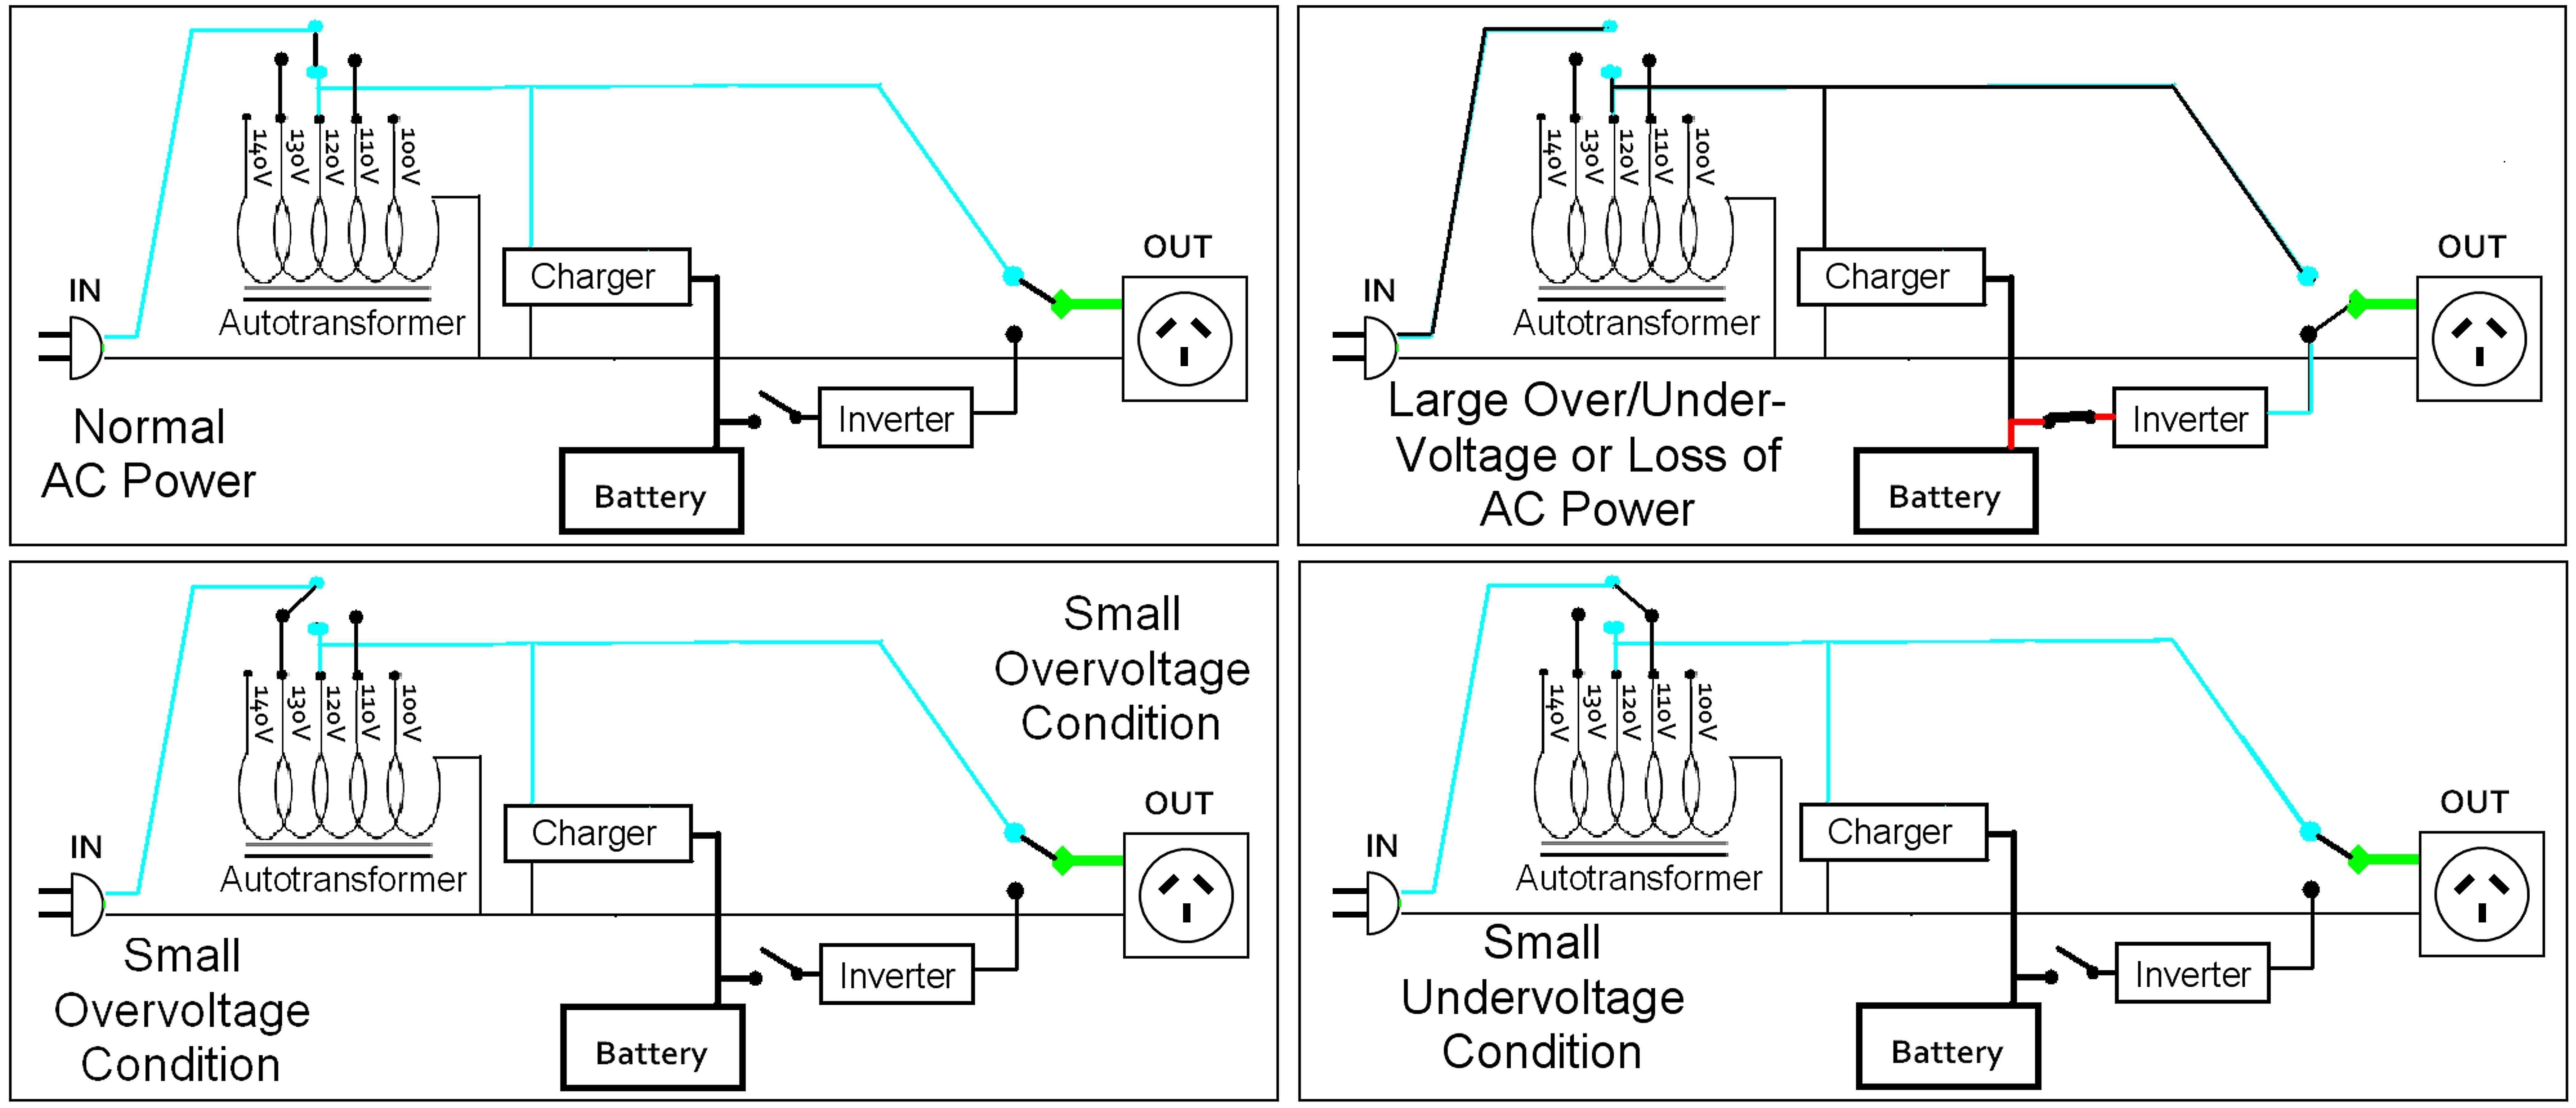 Wiring Diagram Electrical  Wiring Diagram Electrical  Helloo